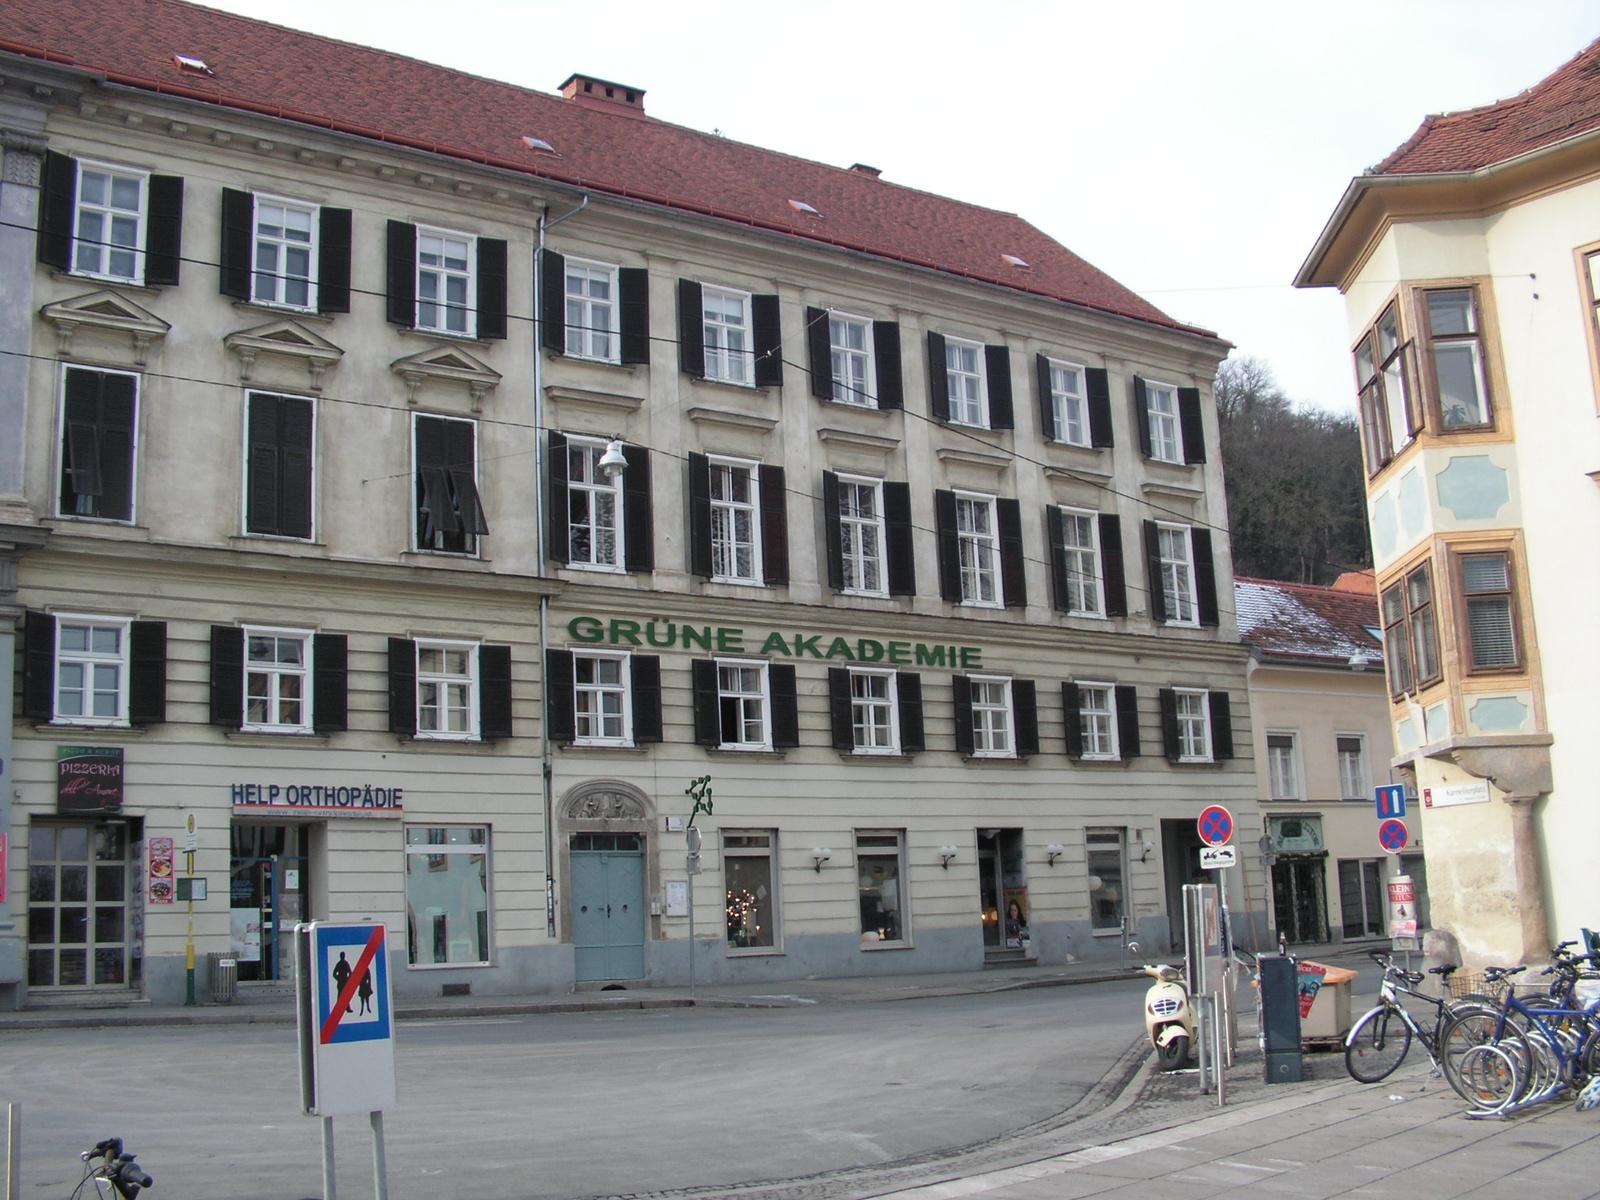 Ausztria, Grác, a Grüne Akademie, SzG3